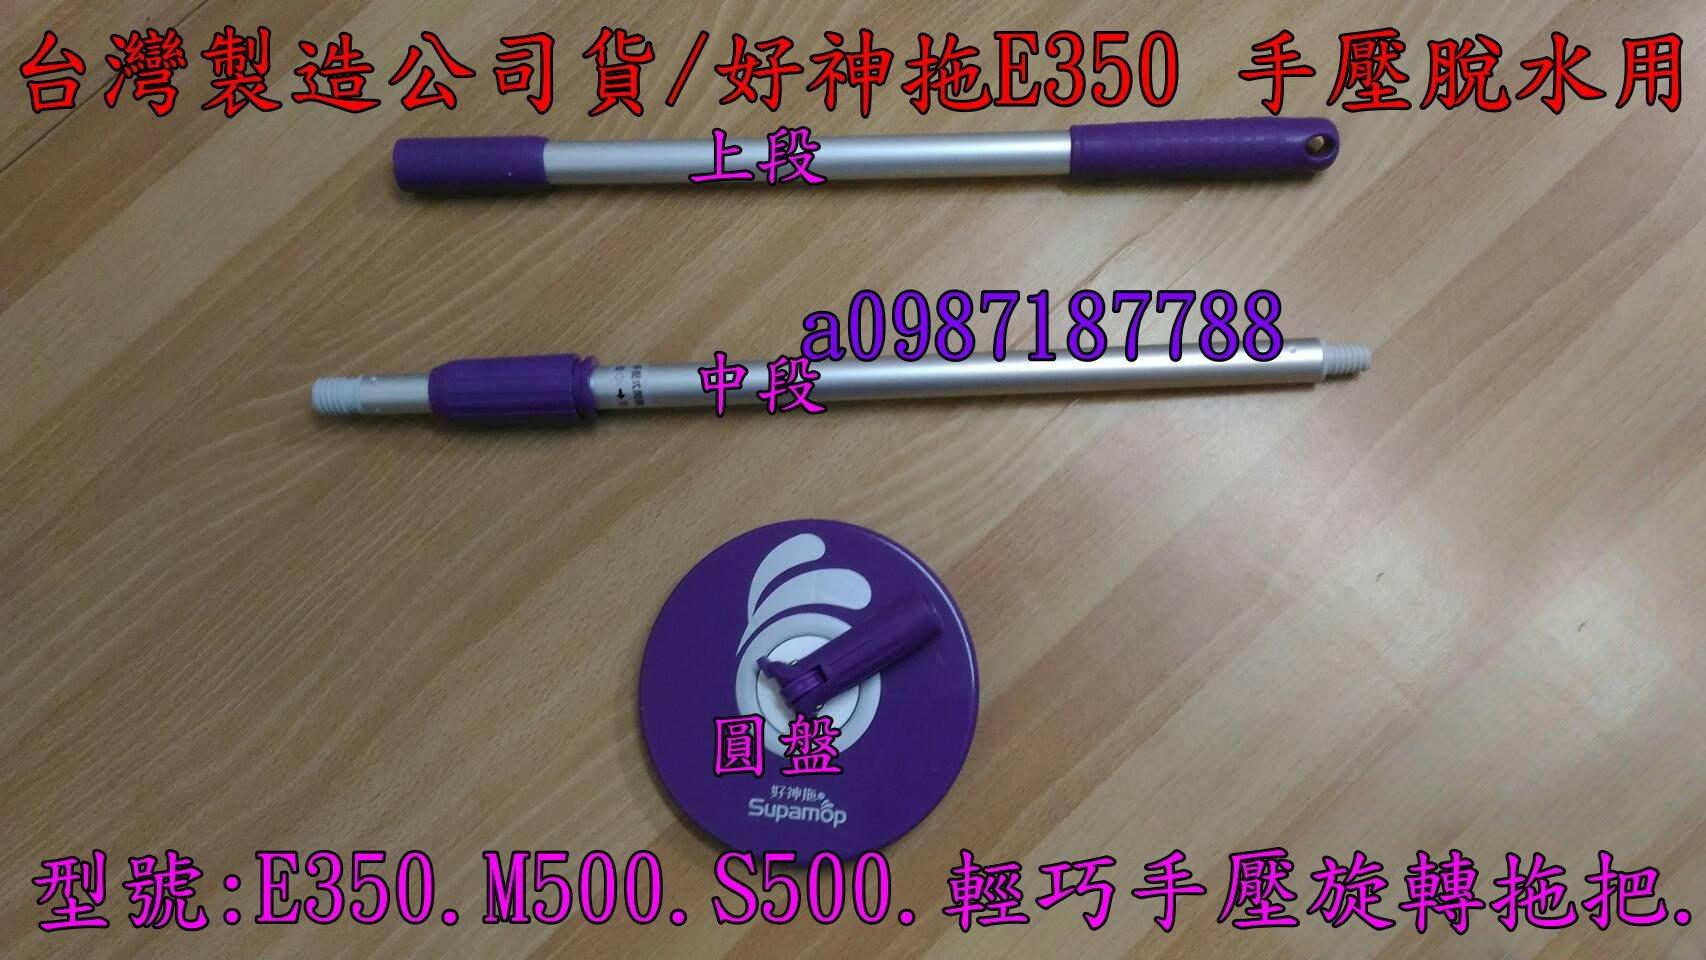 時尚網路購物/好神拖台灣製造E600.S600L輕巧手壓用拖把桿E350 S500.M500皆可使用